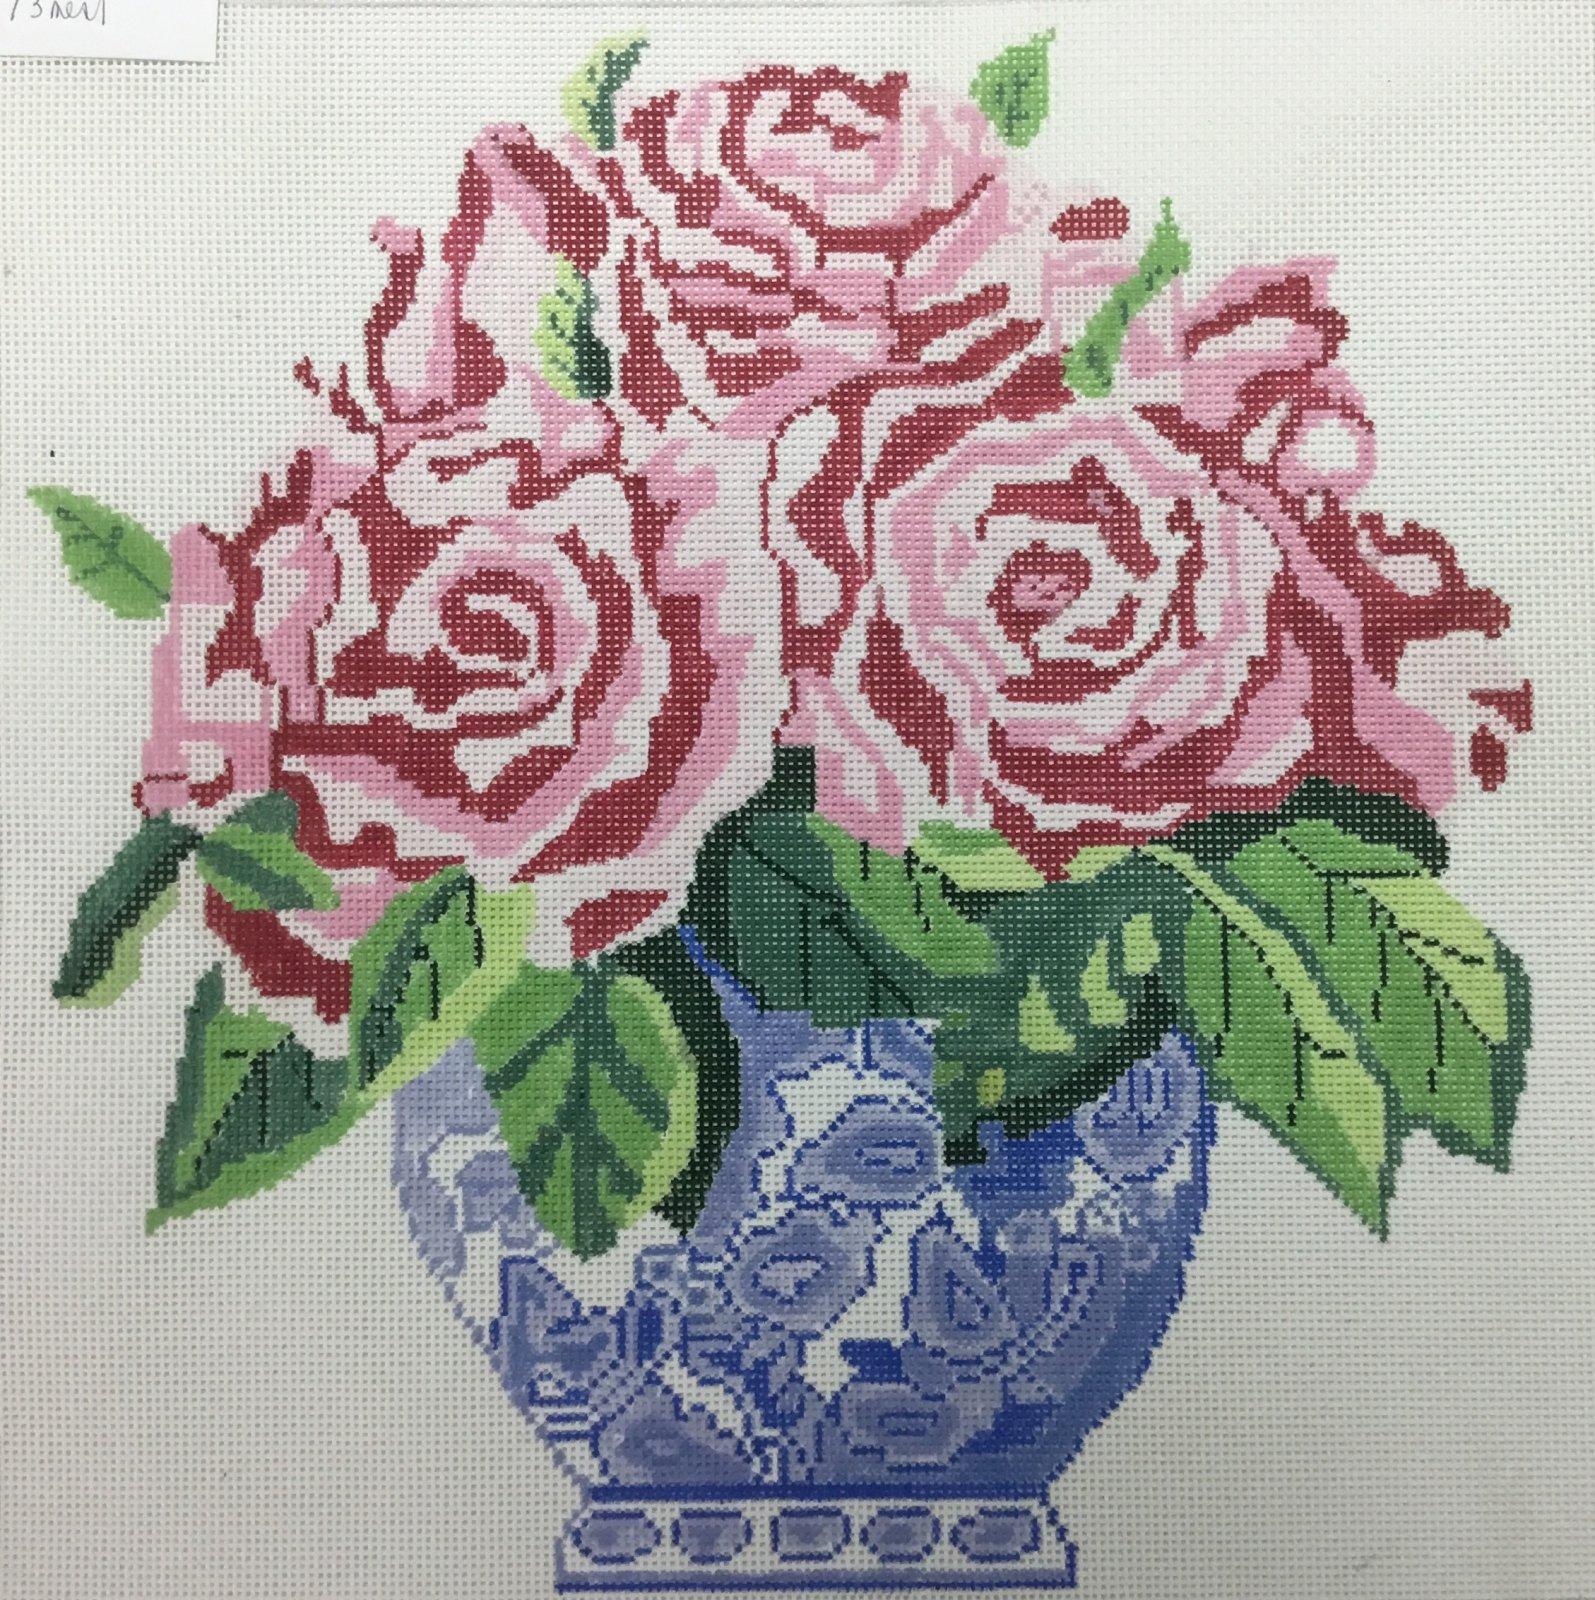 Blue Vase of Pink Roses, 14x14, 13M